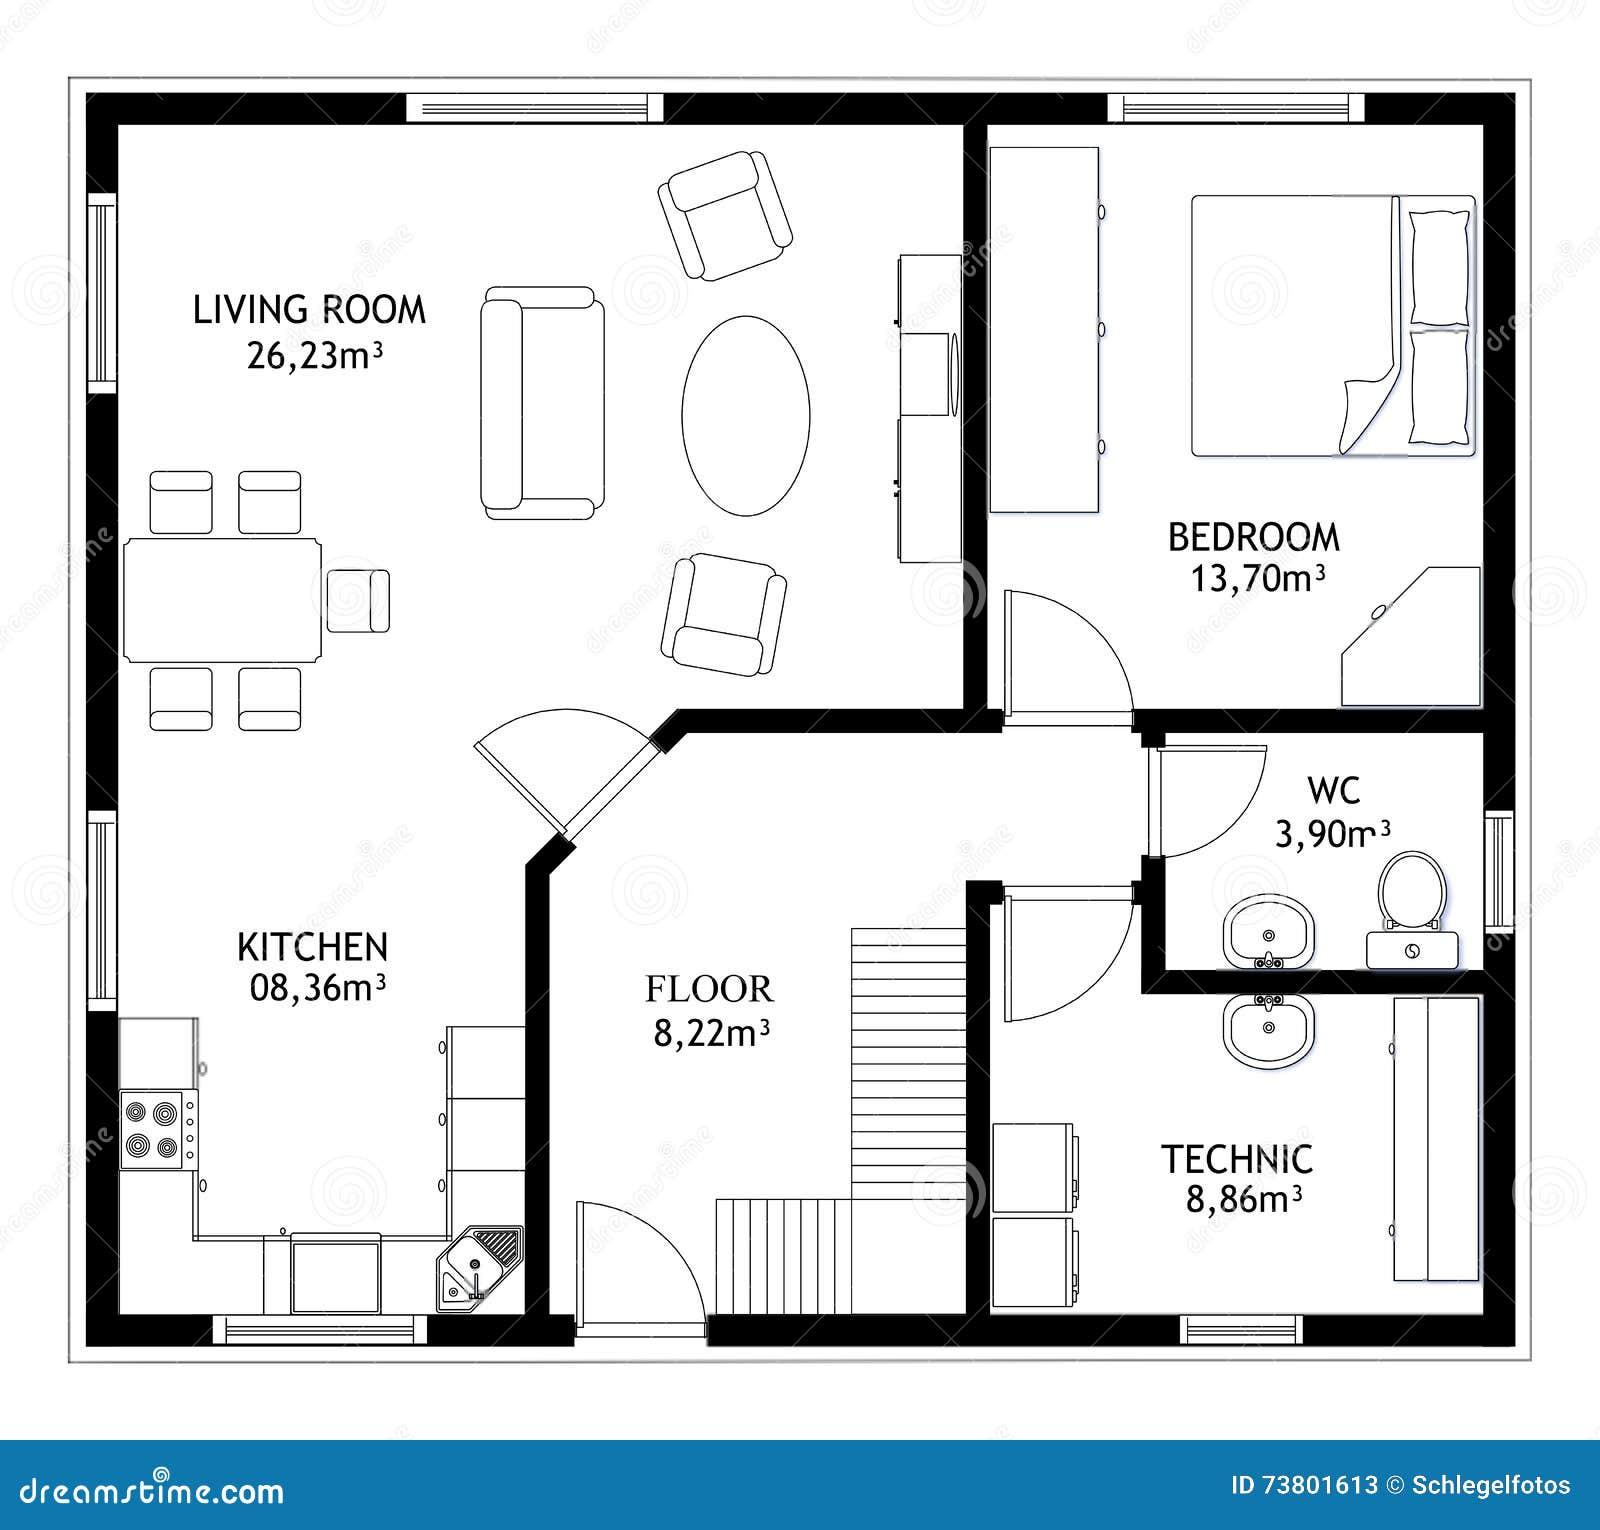 Plan dessin for Plan de construction de maison